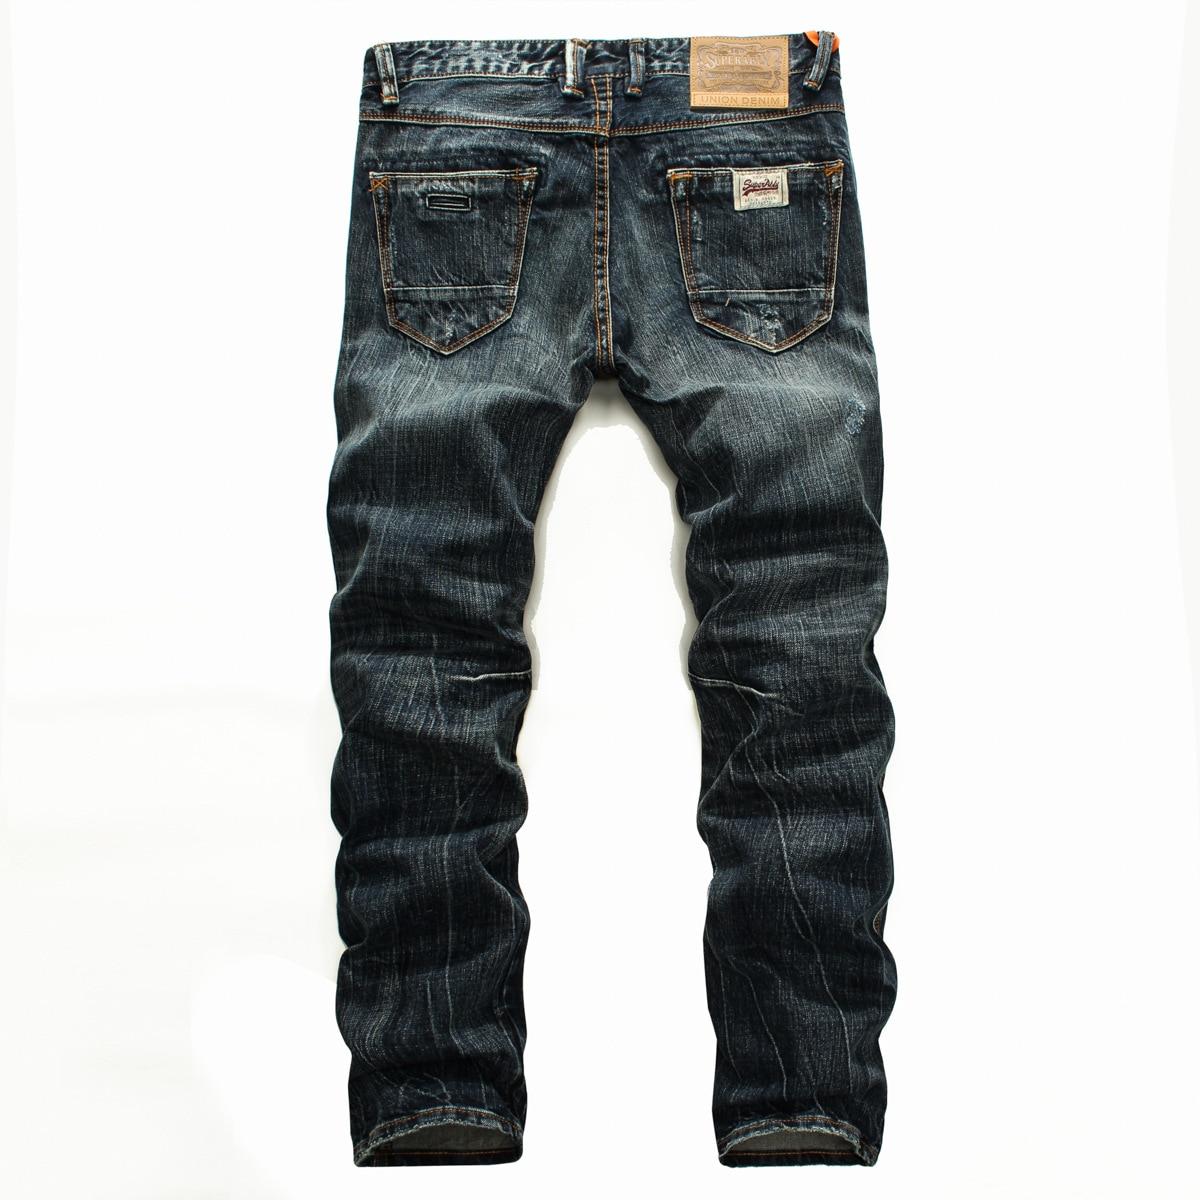 Новинка 2021, модные ностальгические Изношенные джинсы, мужские прямые брюки-трубы с царапинами, повседневные Молодежные длинные брюки со ср...